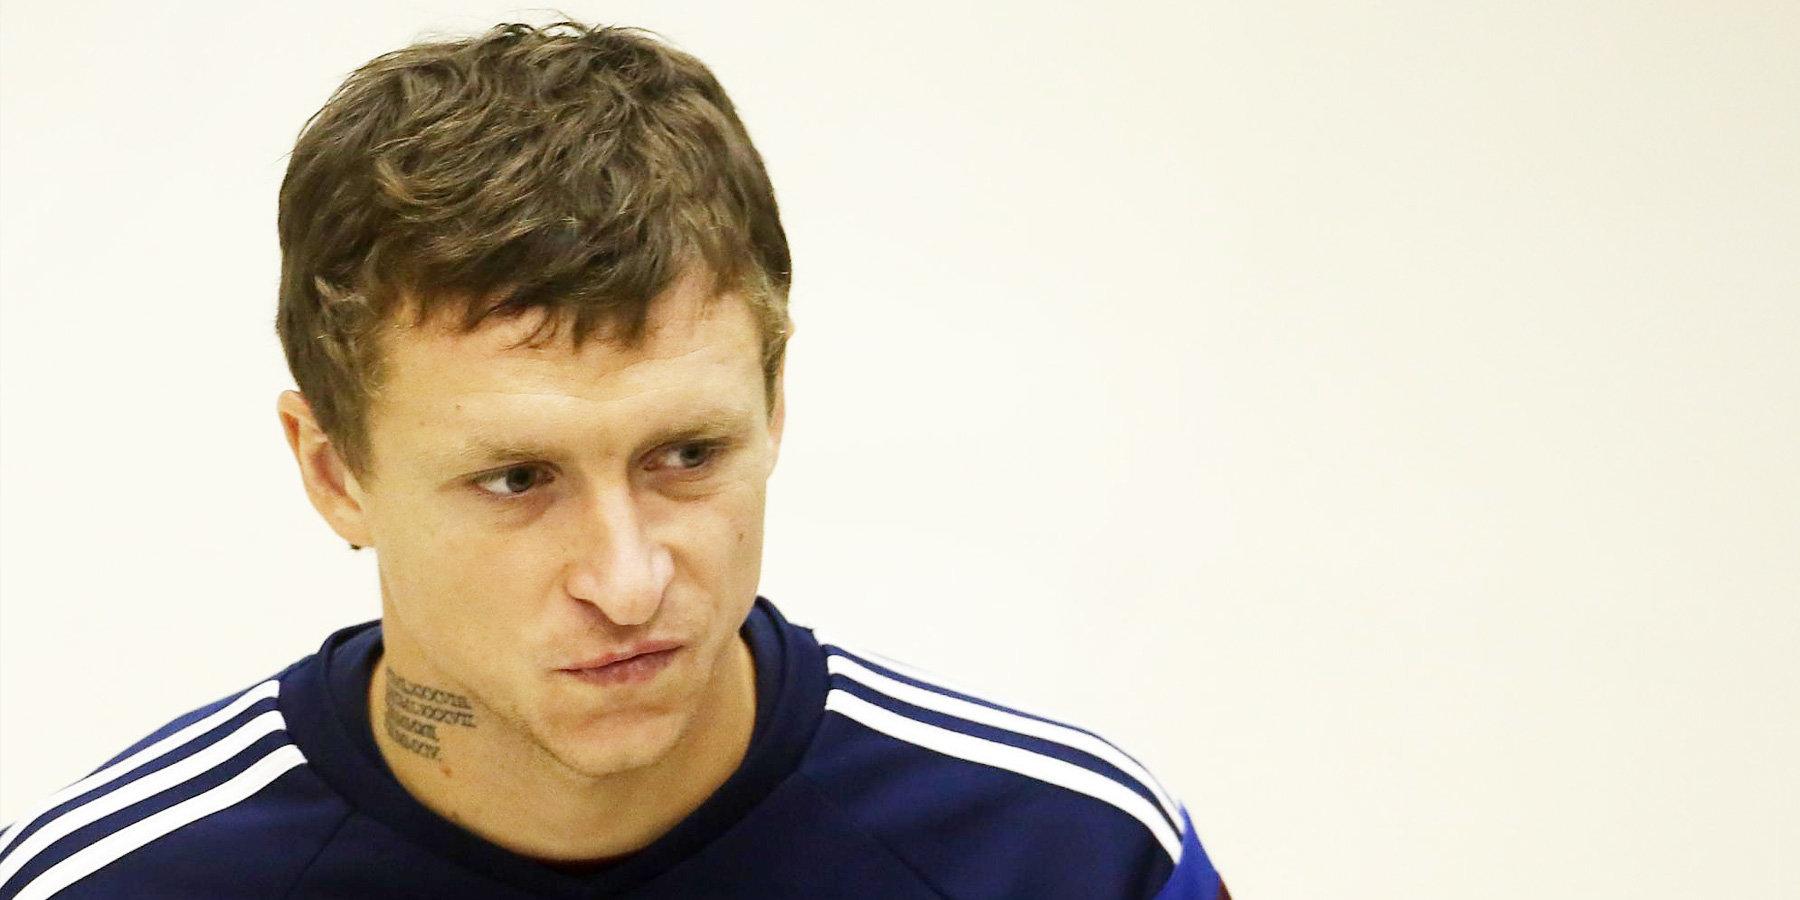 Скандальный футболист сборной РФ грязным поступком спровоцировал драку наматче